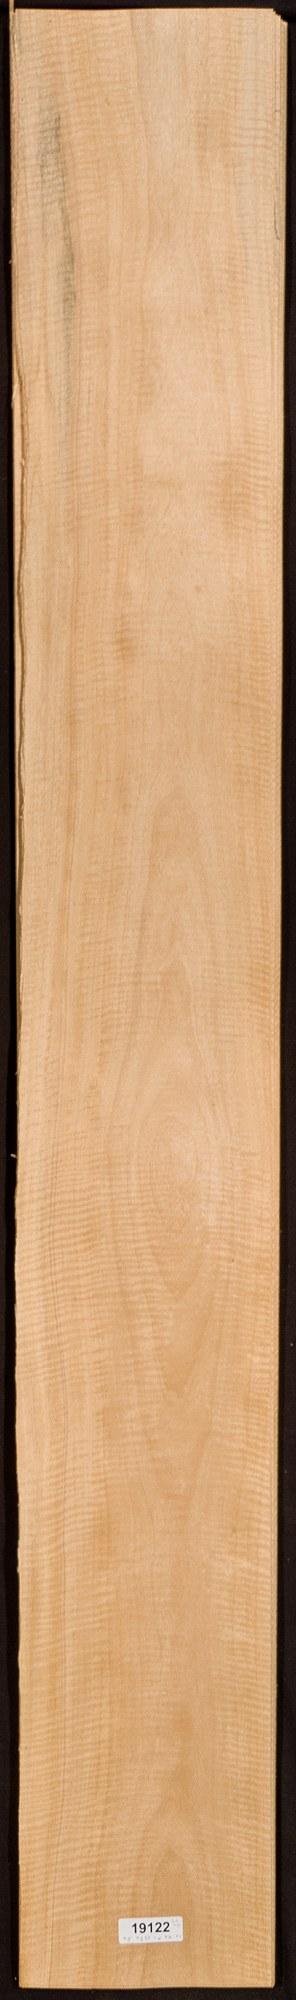 Curly Maple Wood Veneer Sheets